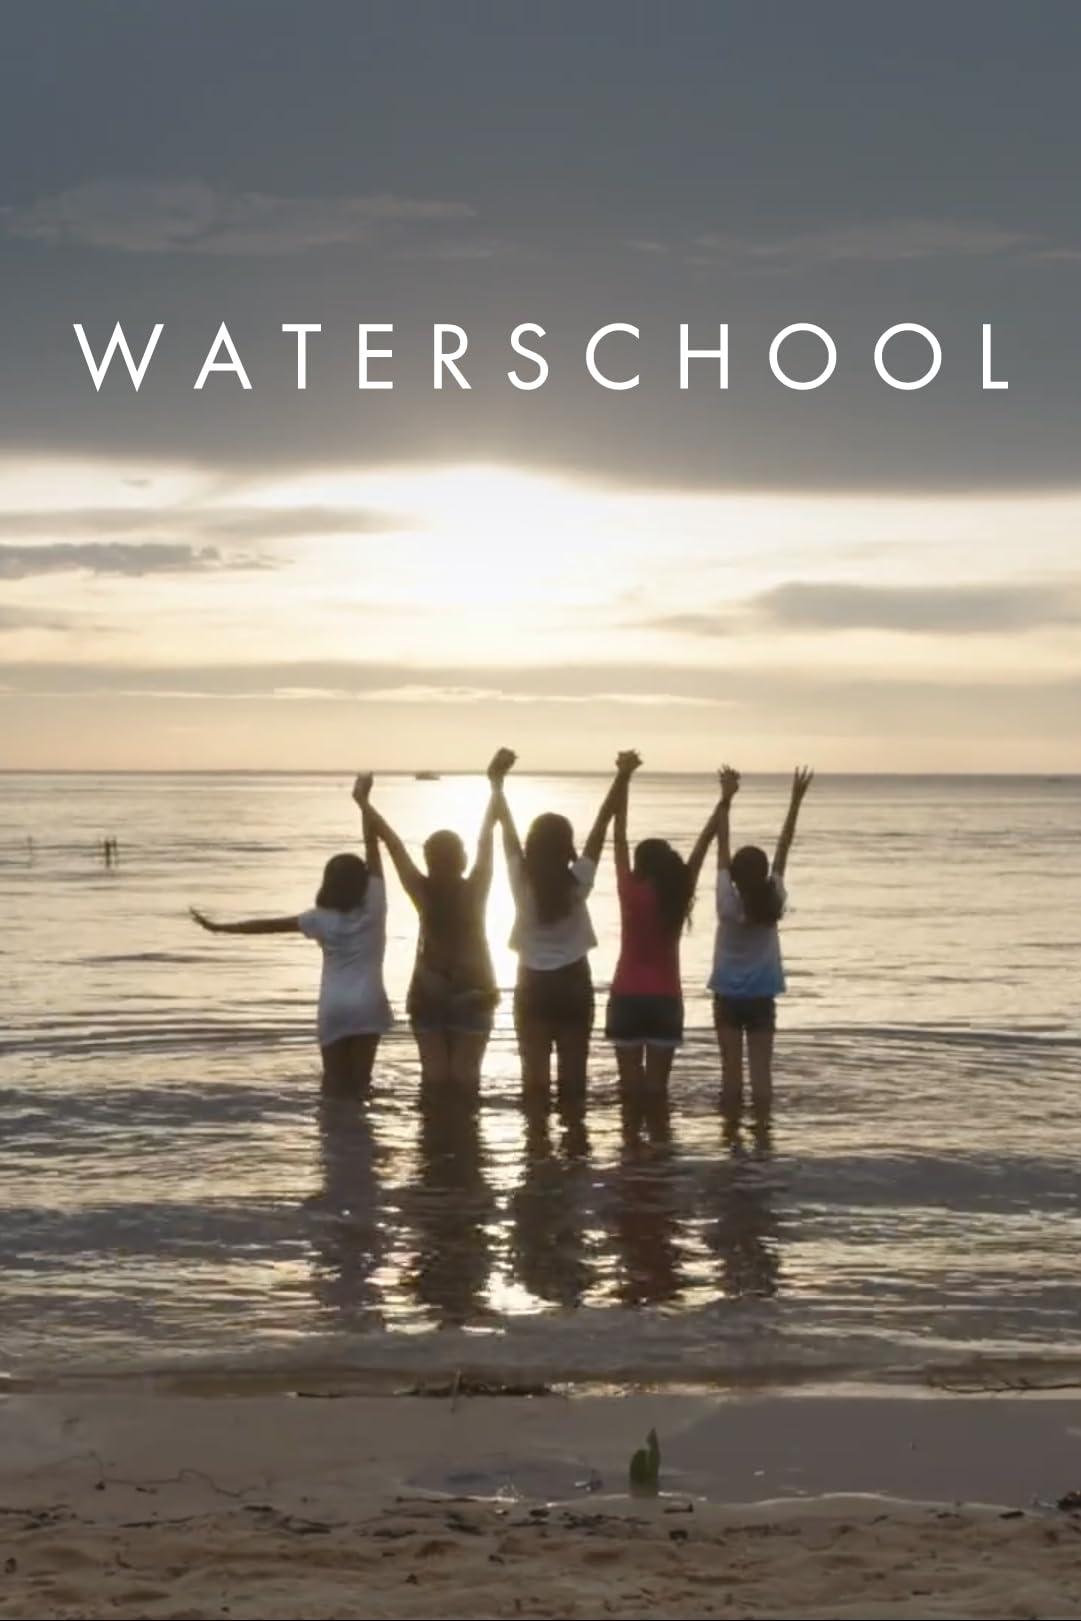 施華洛世奇:愛護水源學校 | awwrated | 你的 Netflix 避雷好幫手!